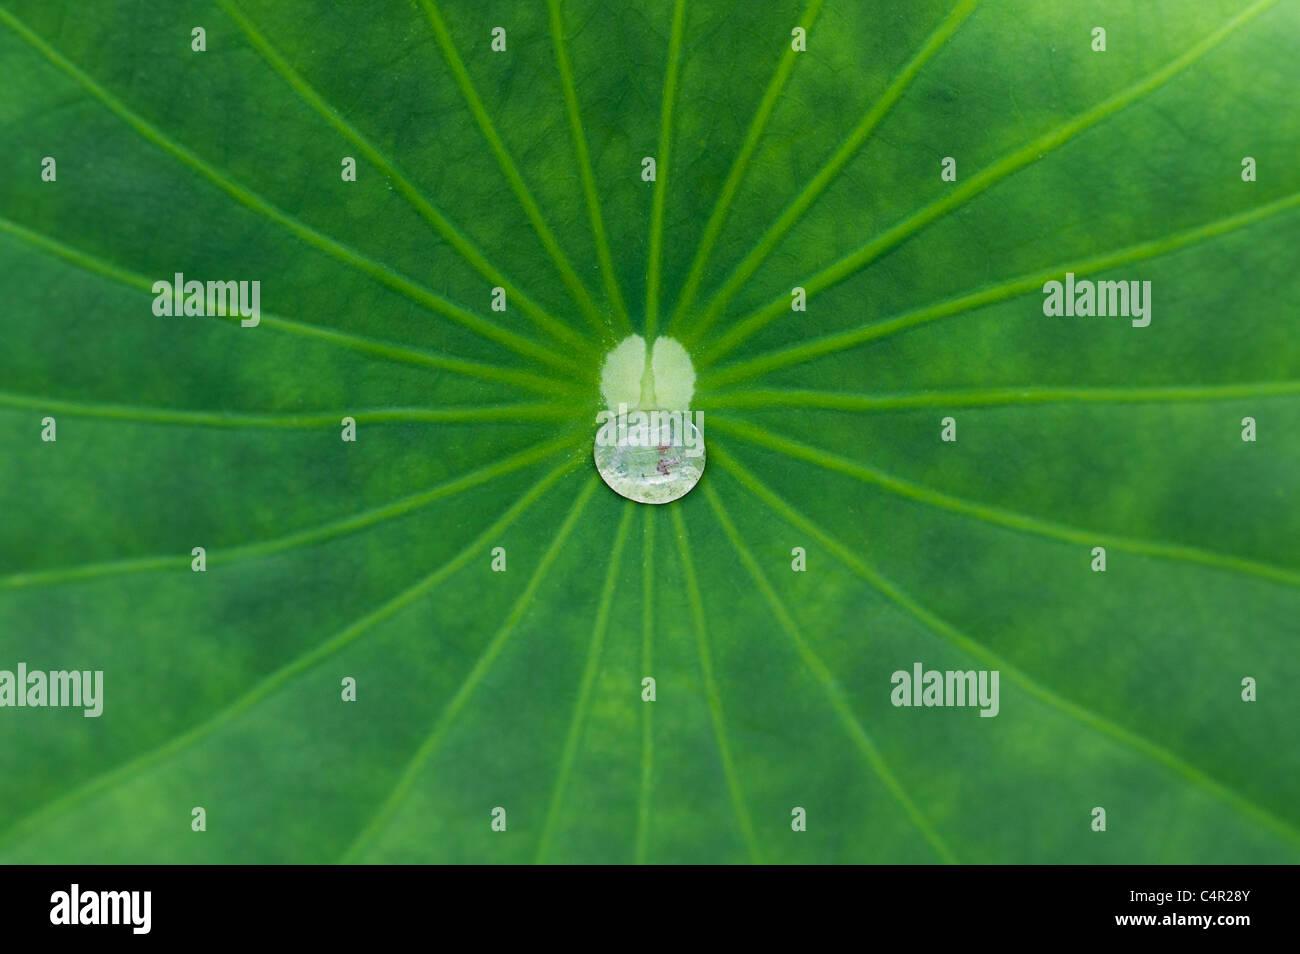 Nelumbo nucifera leaf. Gota de agua sobre una hoja de loto. Imagen De Stock